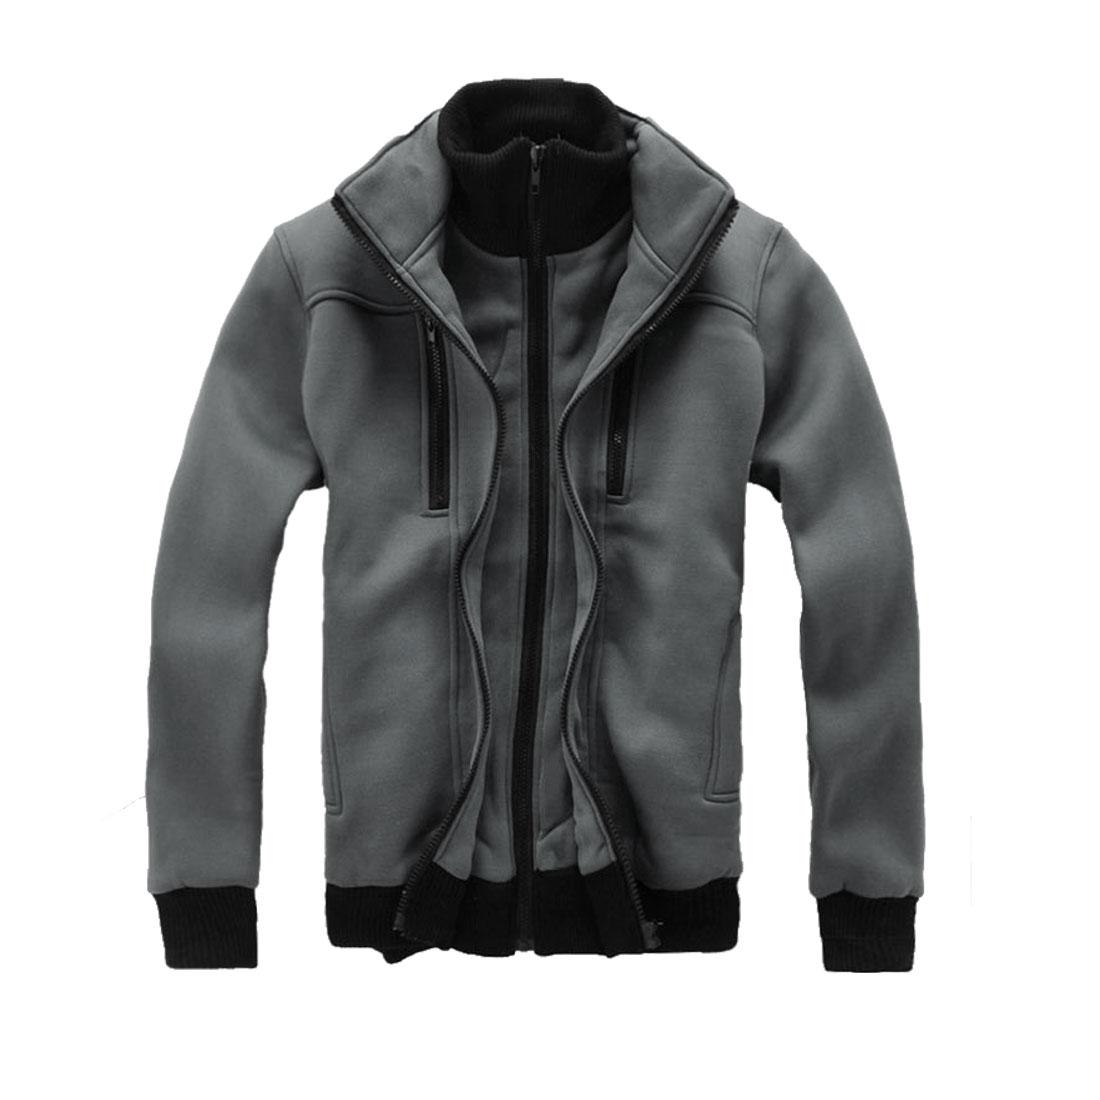 Men Chic Dark Gray Double Zip-Up Front Closure Winter Coat Jacket M